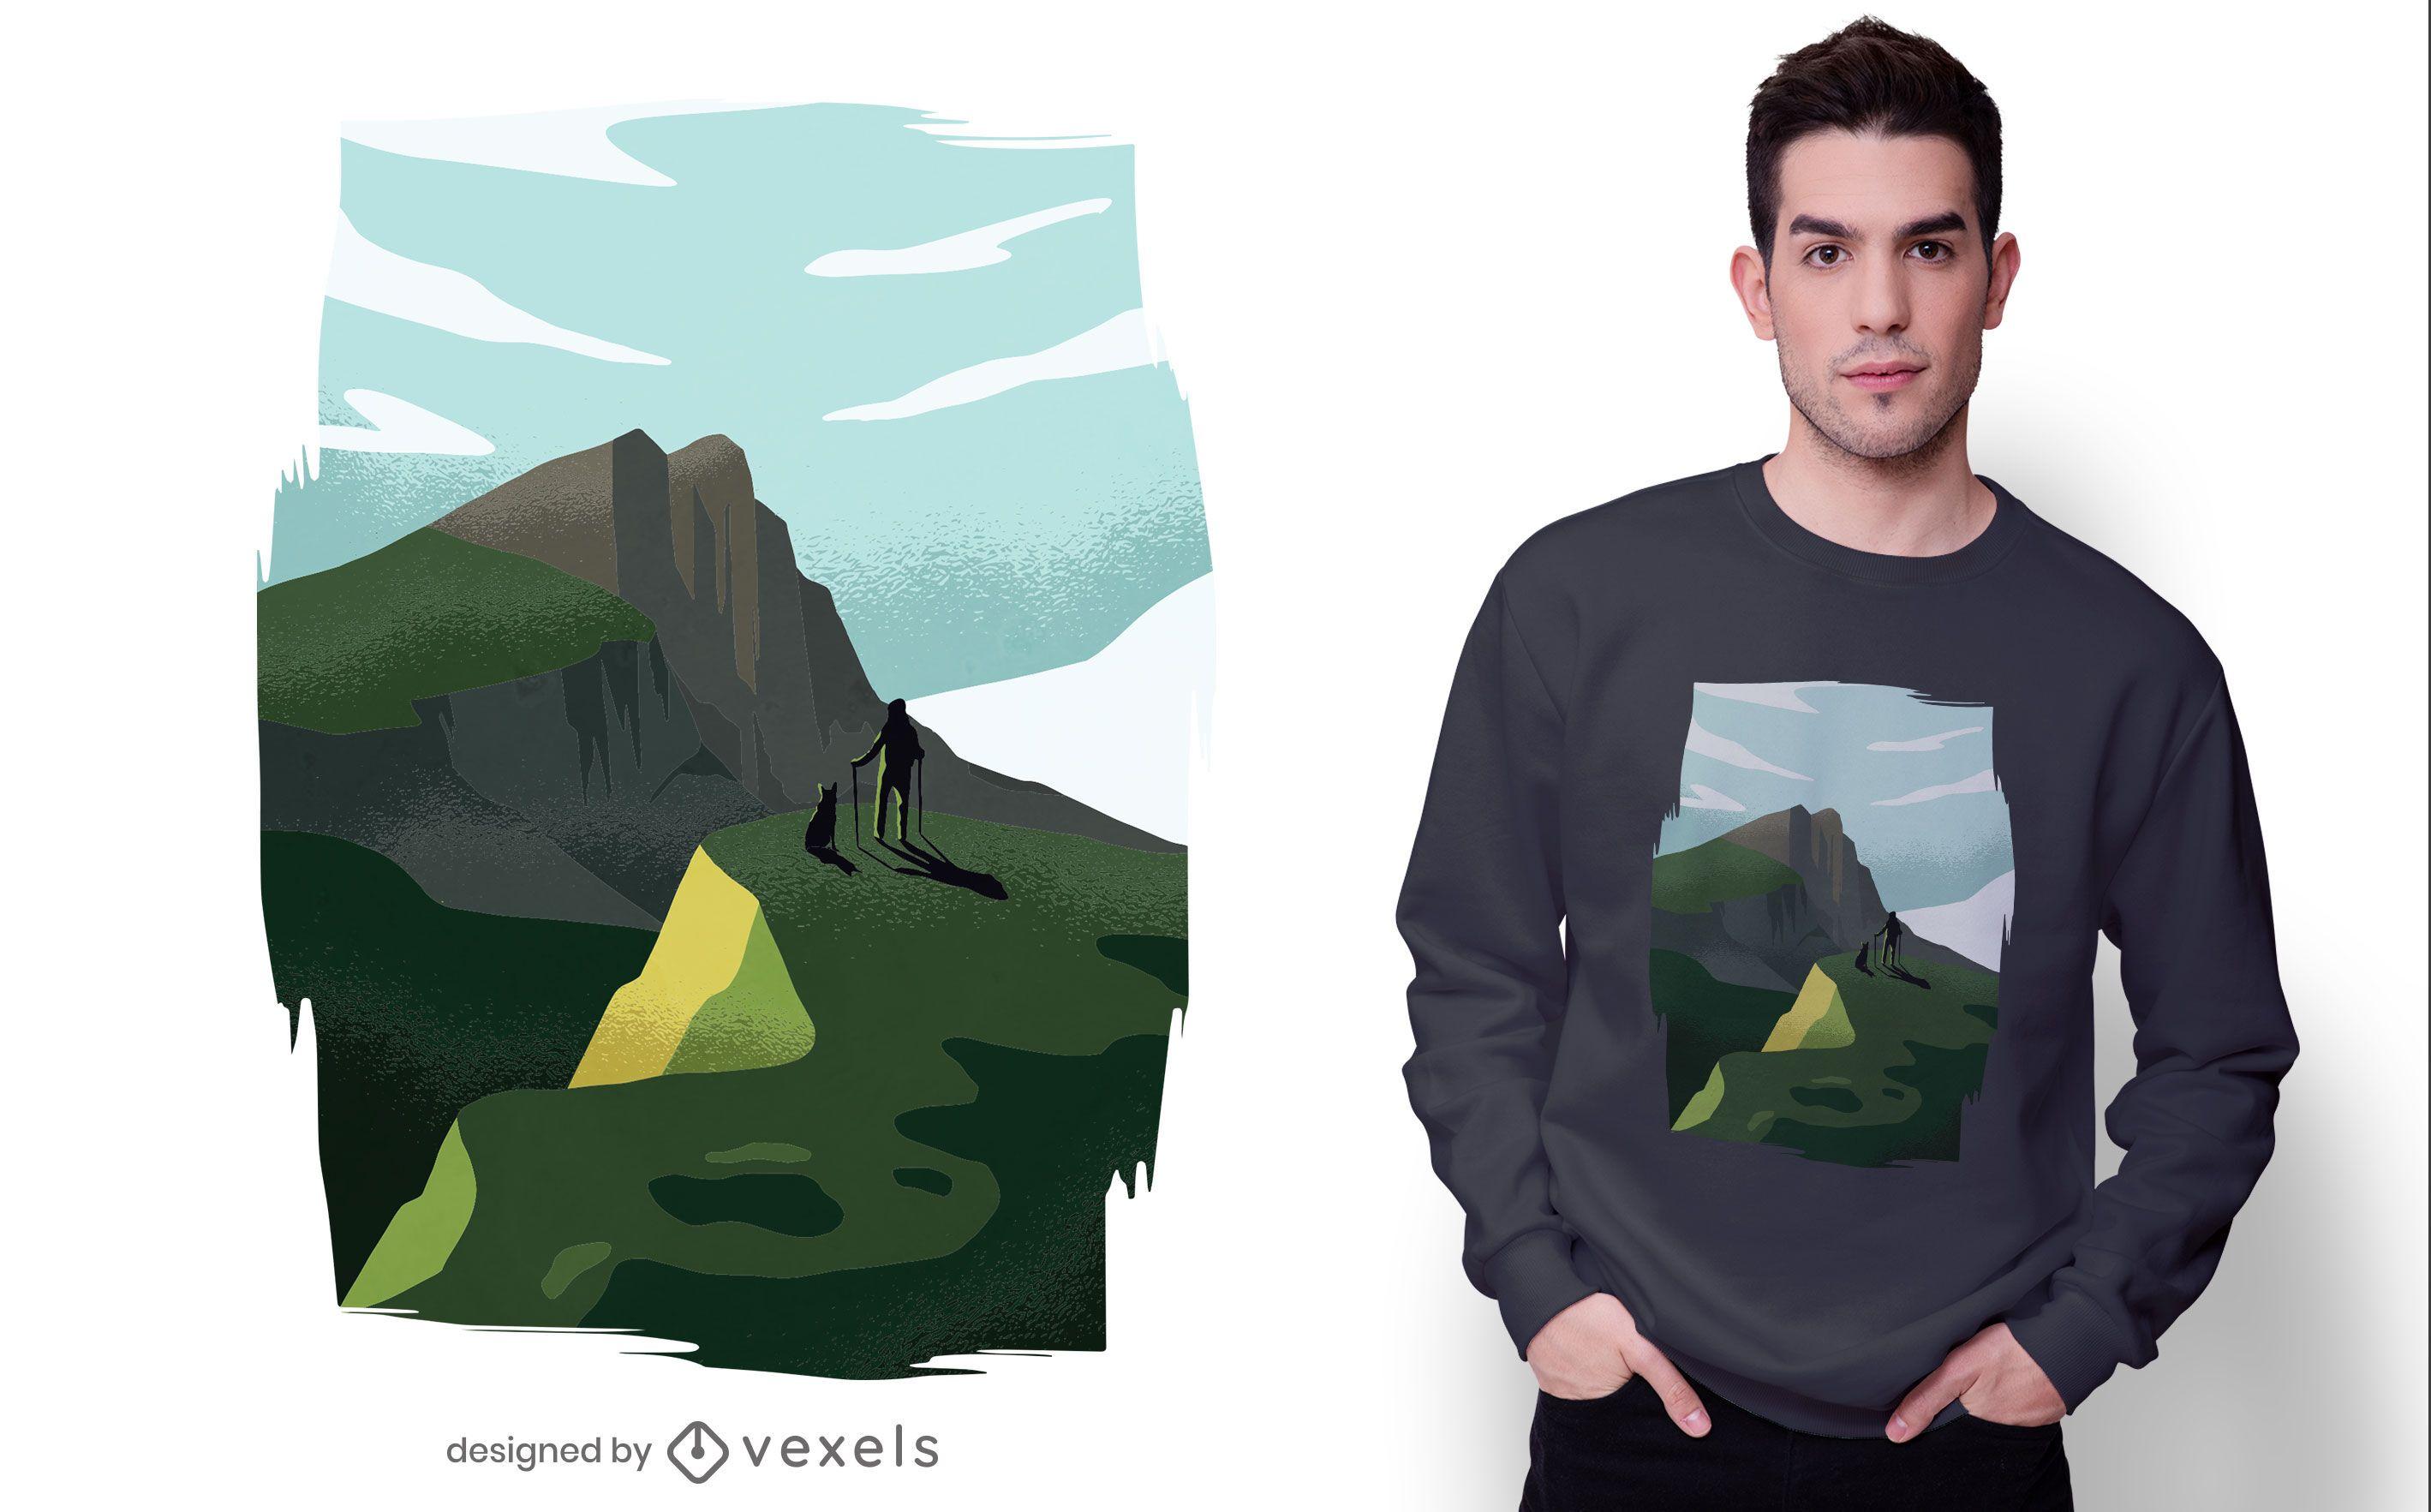 Munros hiking t-shirt design